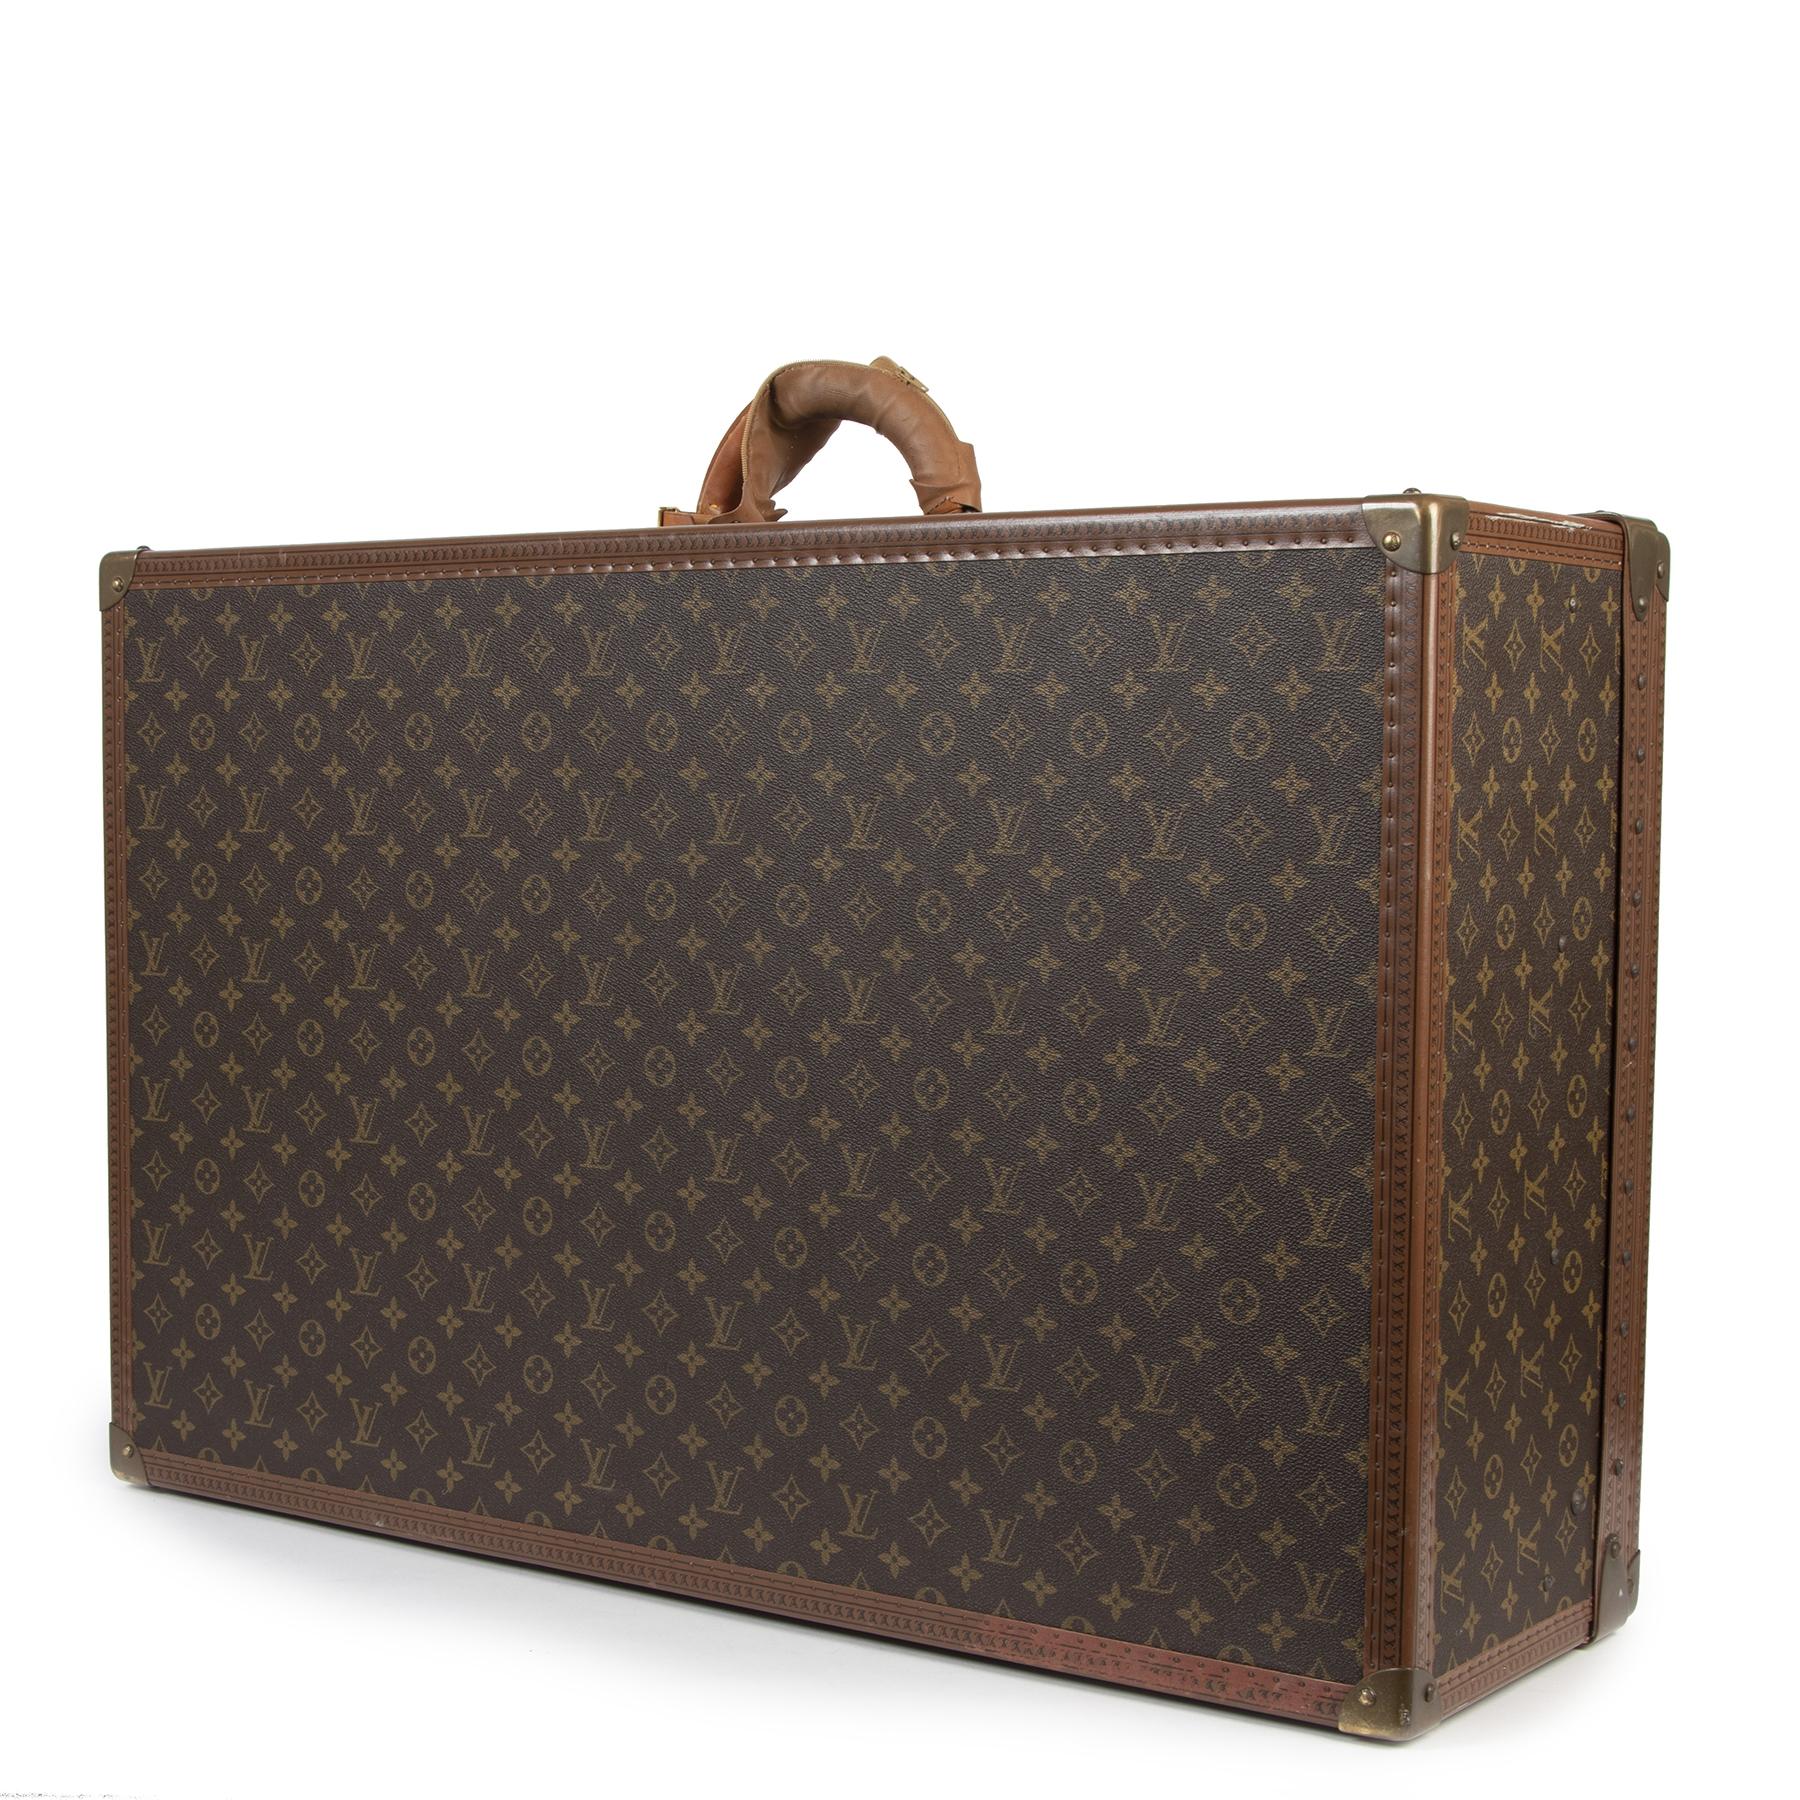 Louis Vuitton Alzer 80 Monogram Travel Case kopen en verkopen aan de beste prijs